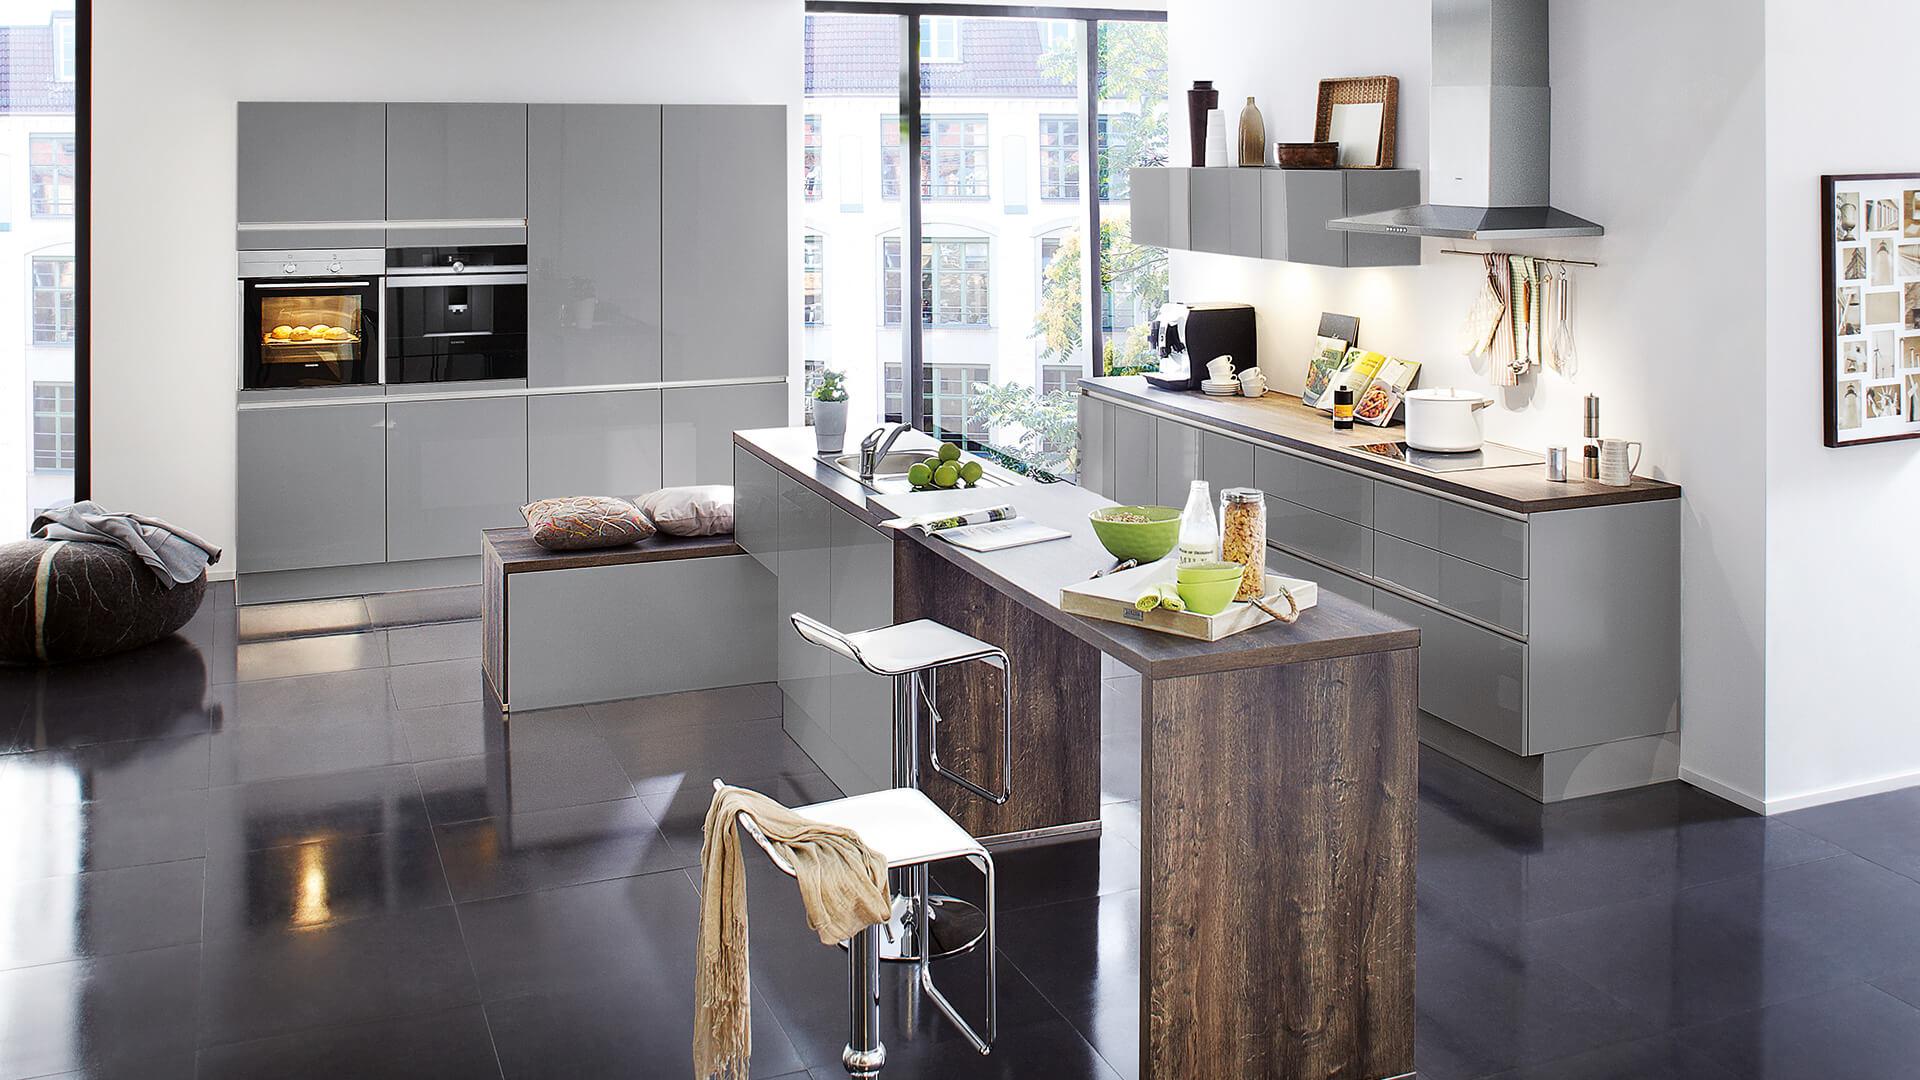 Küchen - Hochwertige Küchen von Küchen Ruberg aus Leer